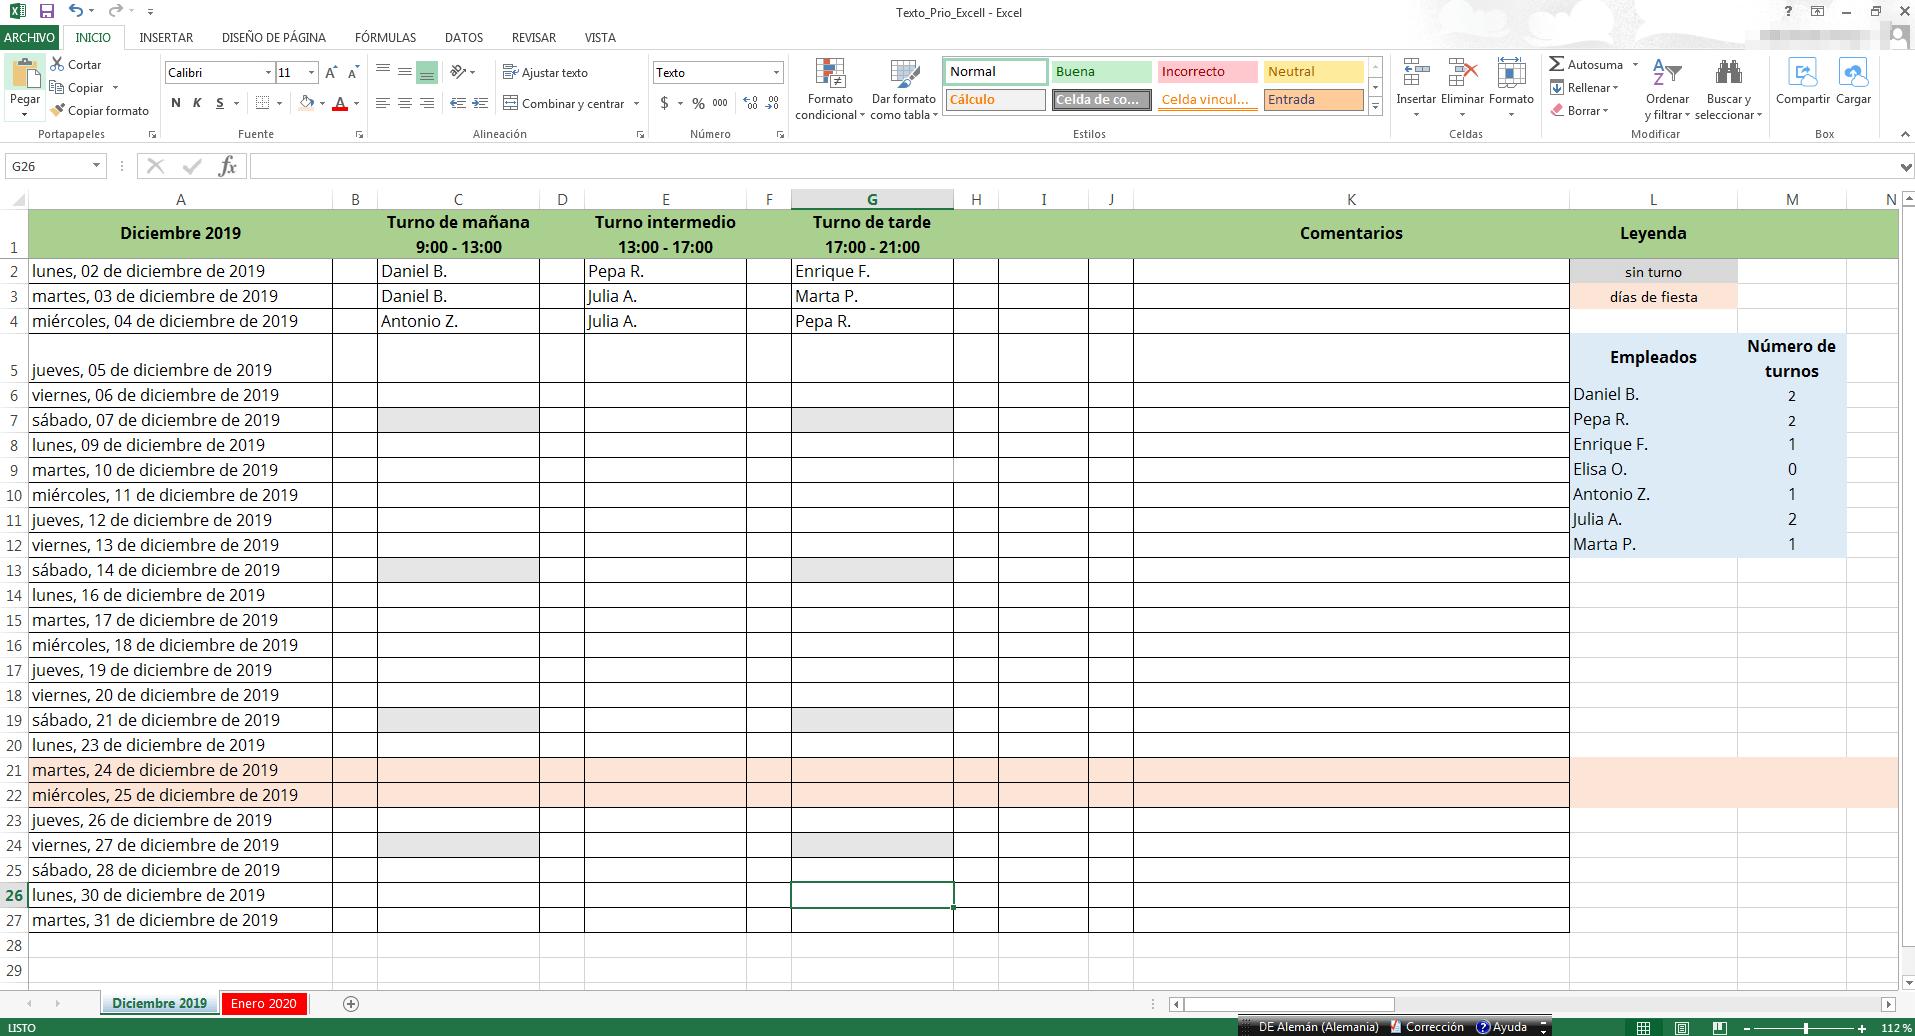 Calendario Turnos.Cuadrantes De Turno De Trabajo En Excel Crear Plantilla 1 1 Ionos